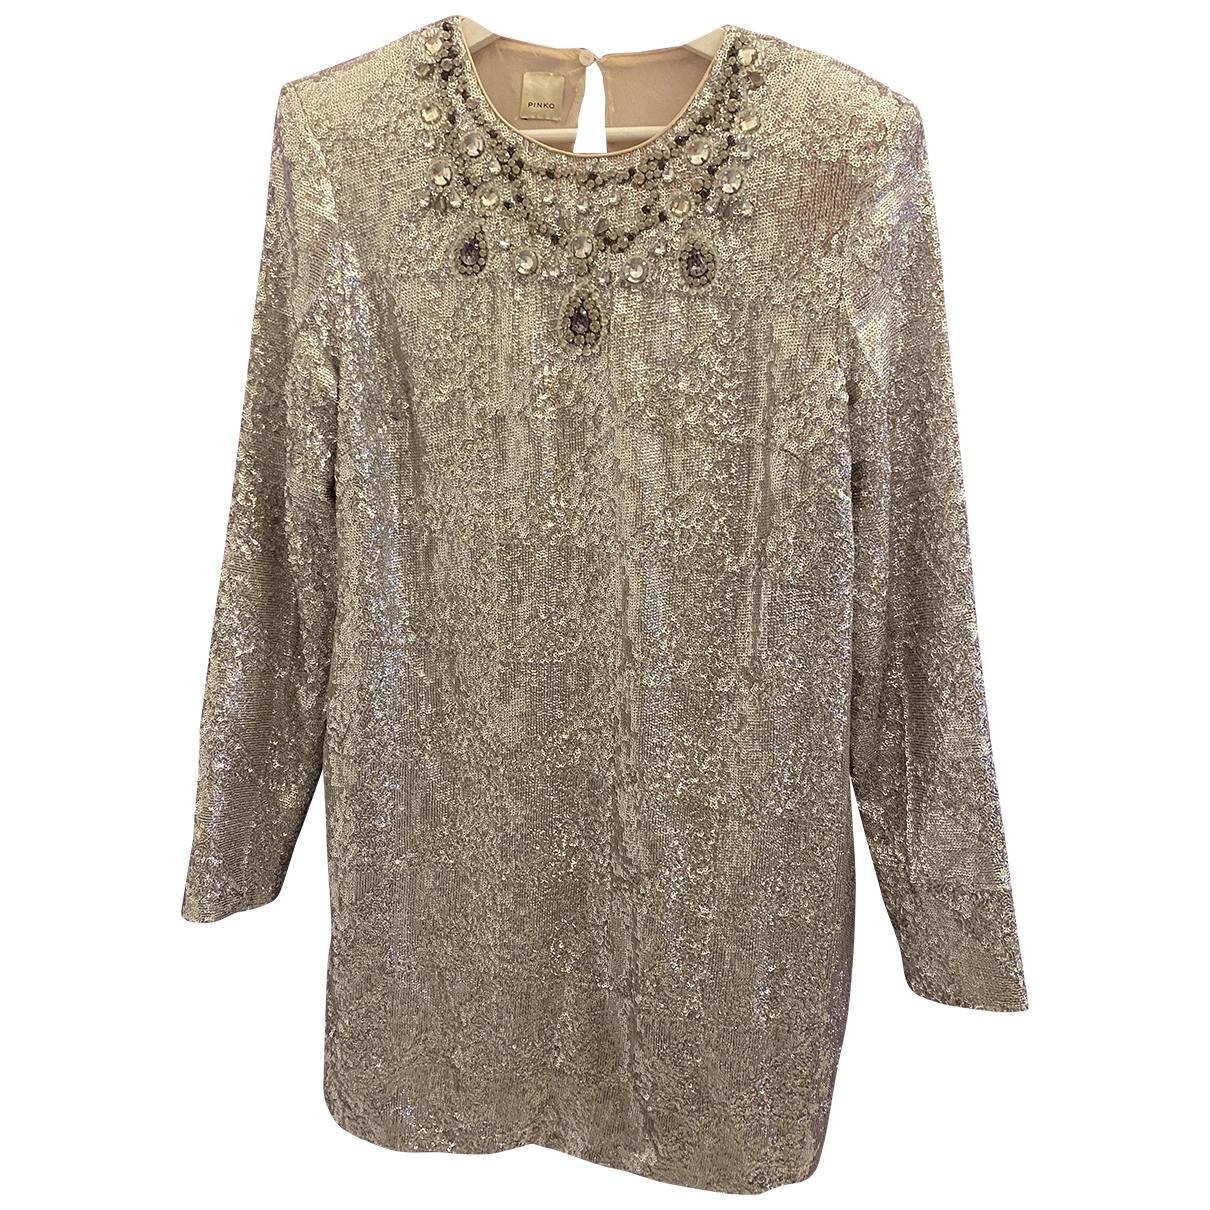 Pinko \N Silver dress for Women 44 IT